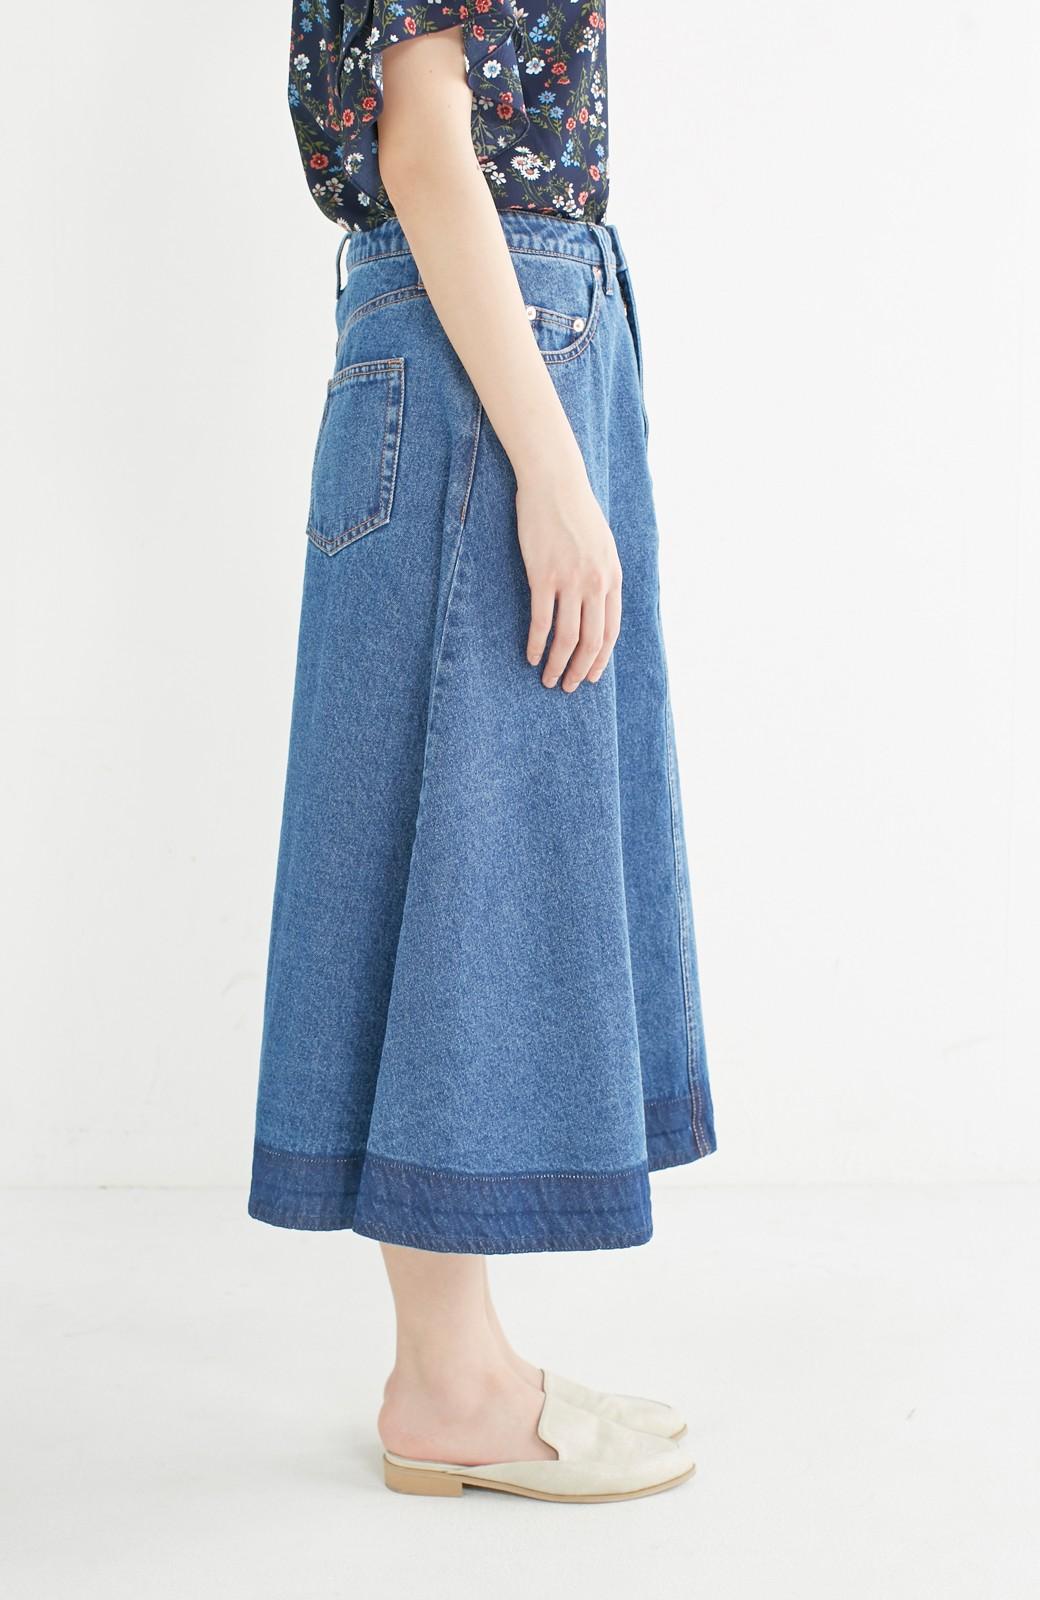 nusy 裾配色のミモレ丈デニムスカート <ライトインディゴブルー>の商品写真10